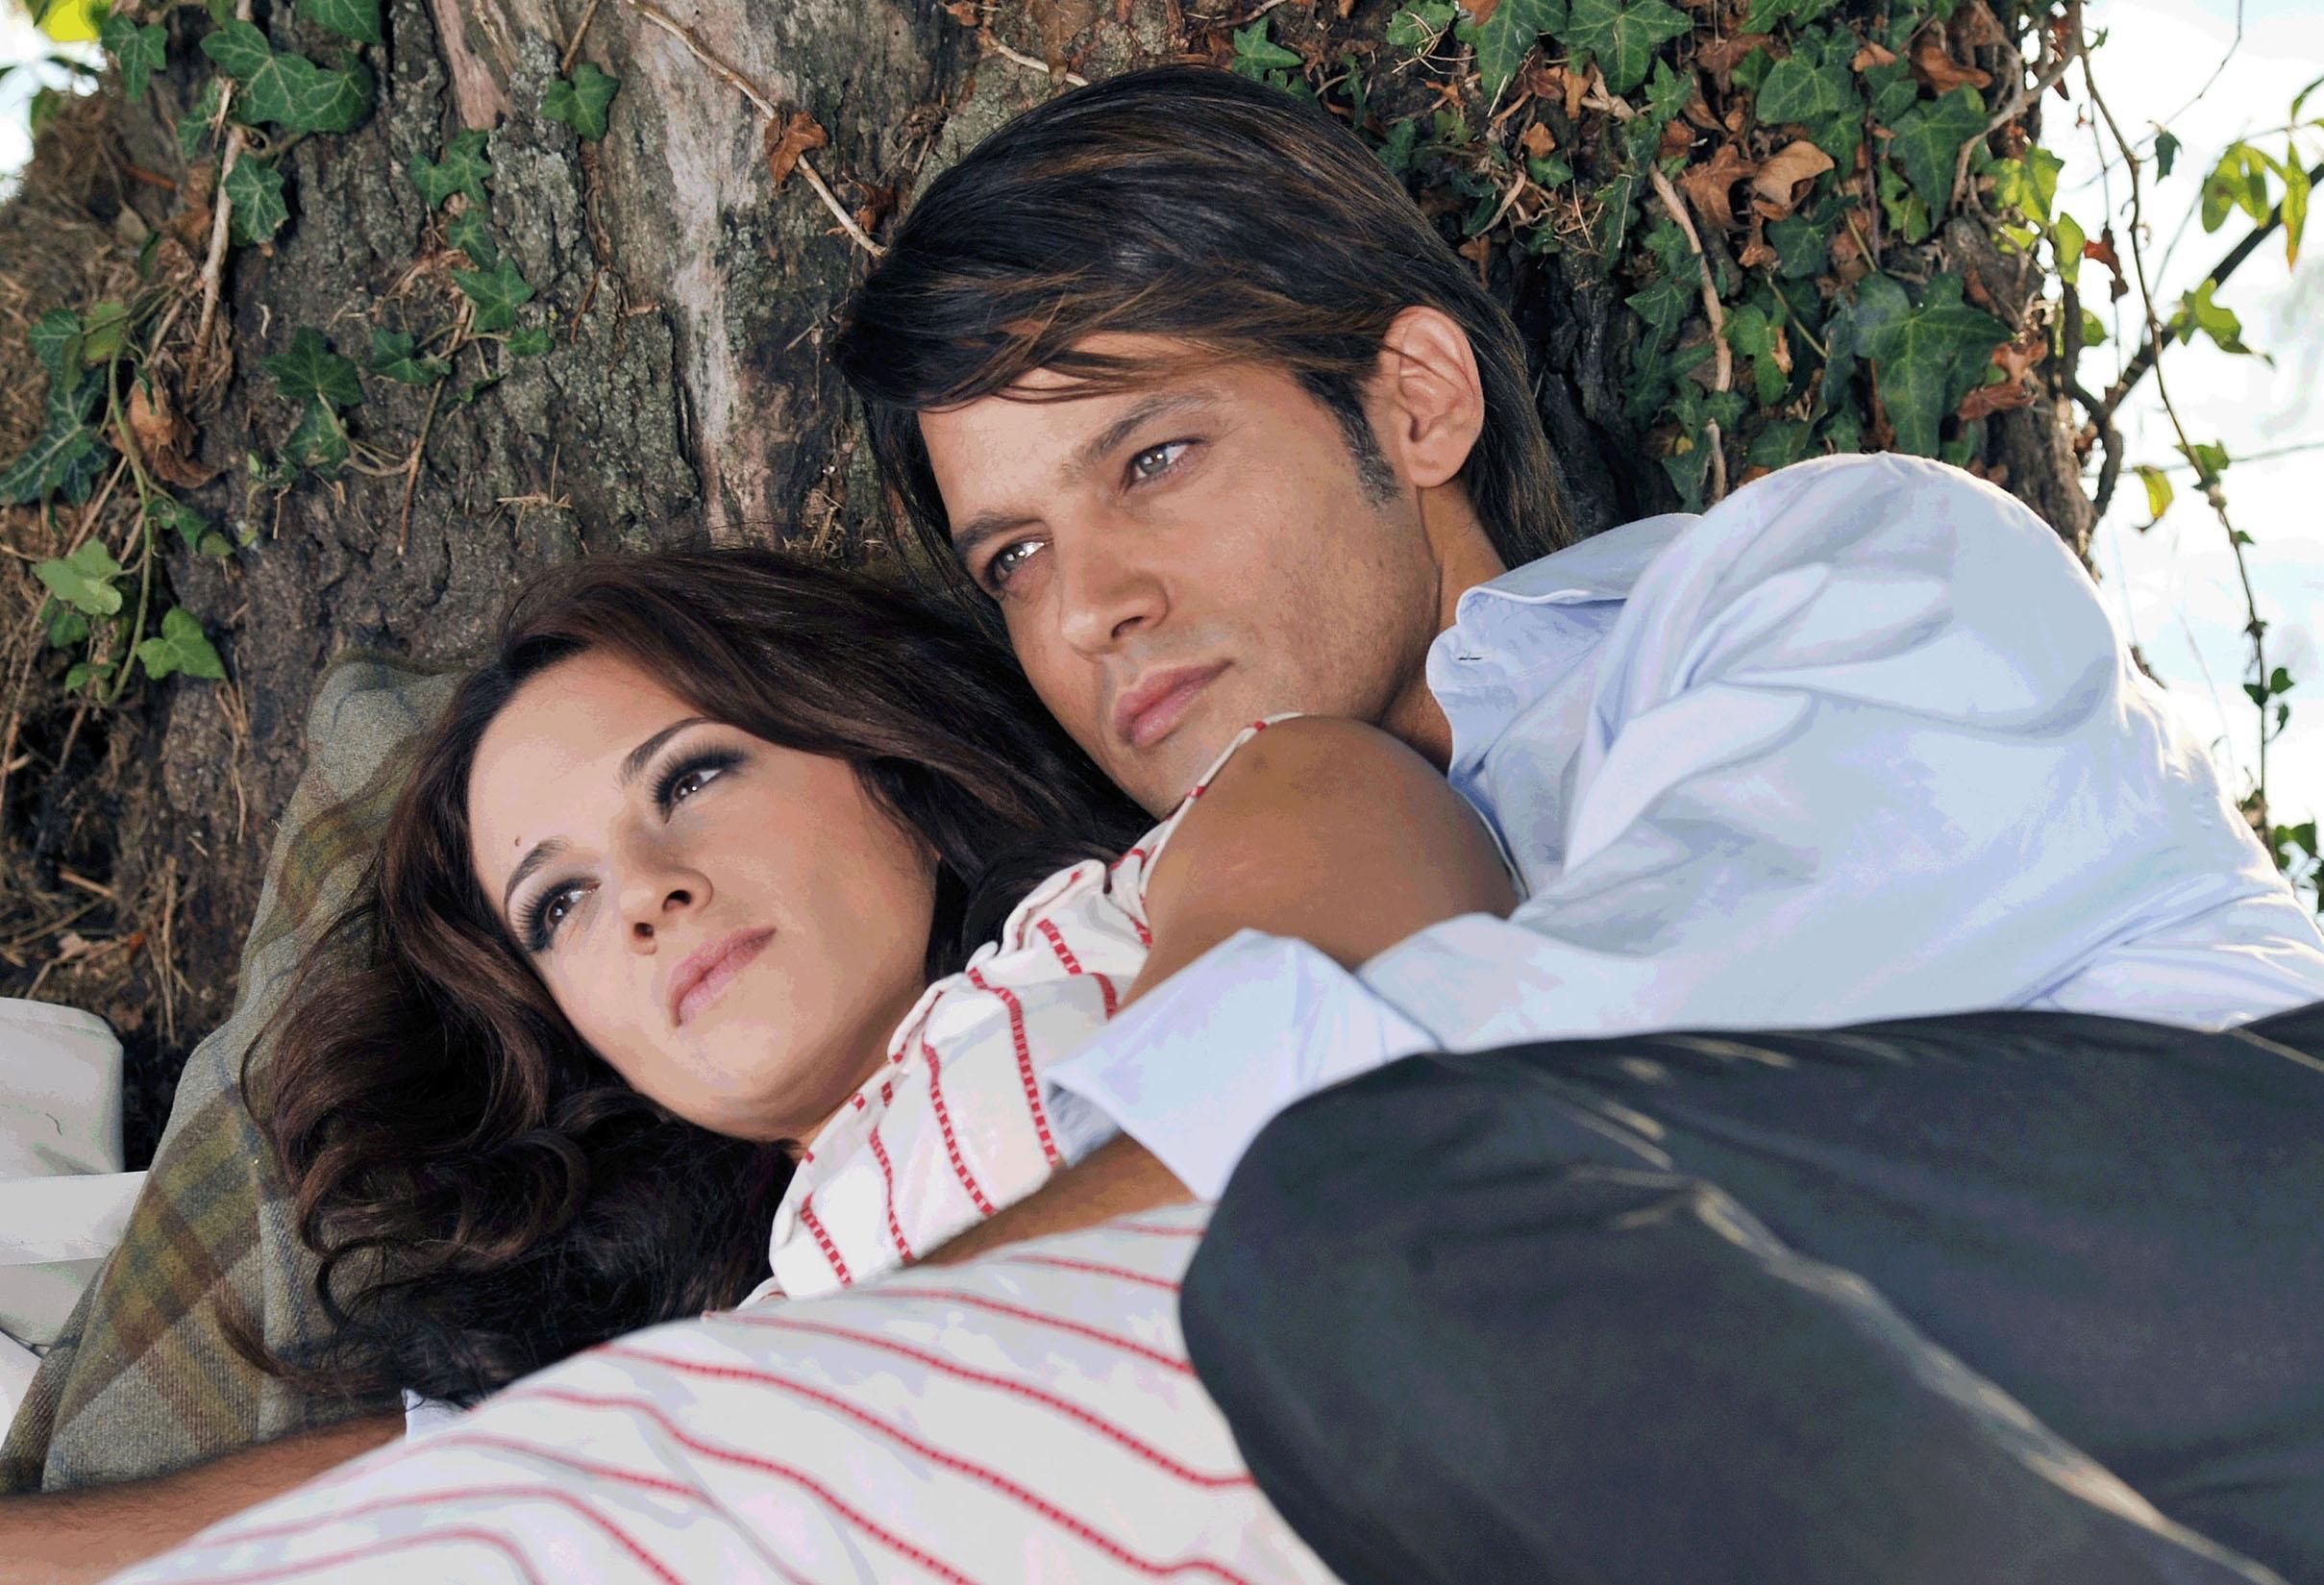 Ascolti tv venerdì 14 ottobre 2011: Sangue Caldo chiude e vince, boom di Sabina Guzzanti su La7